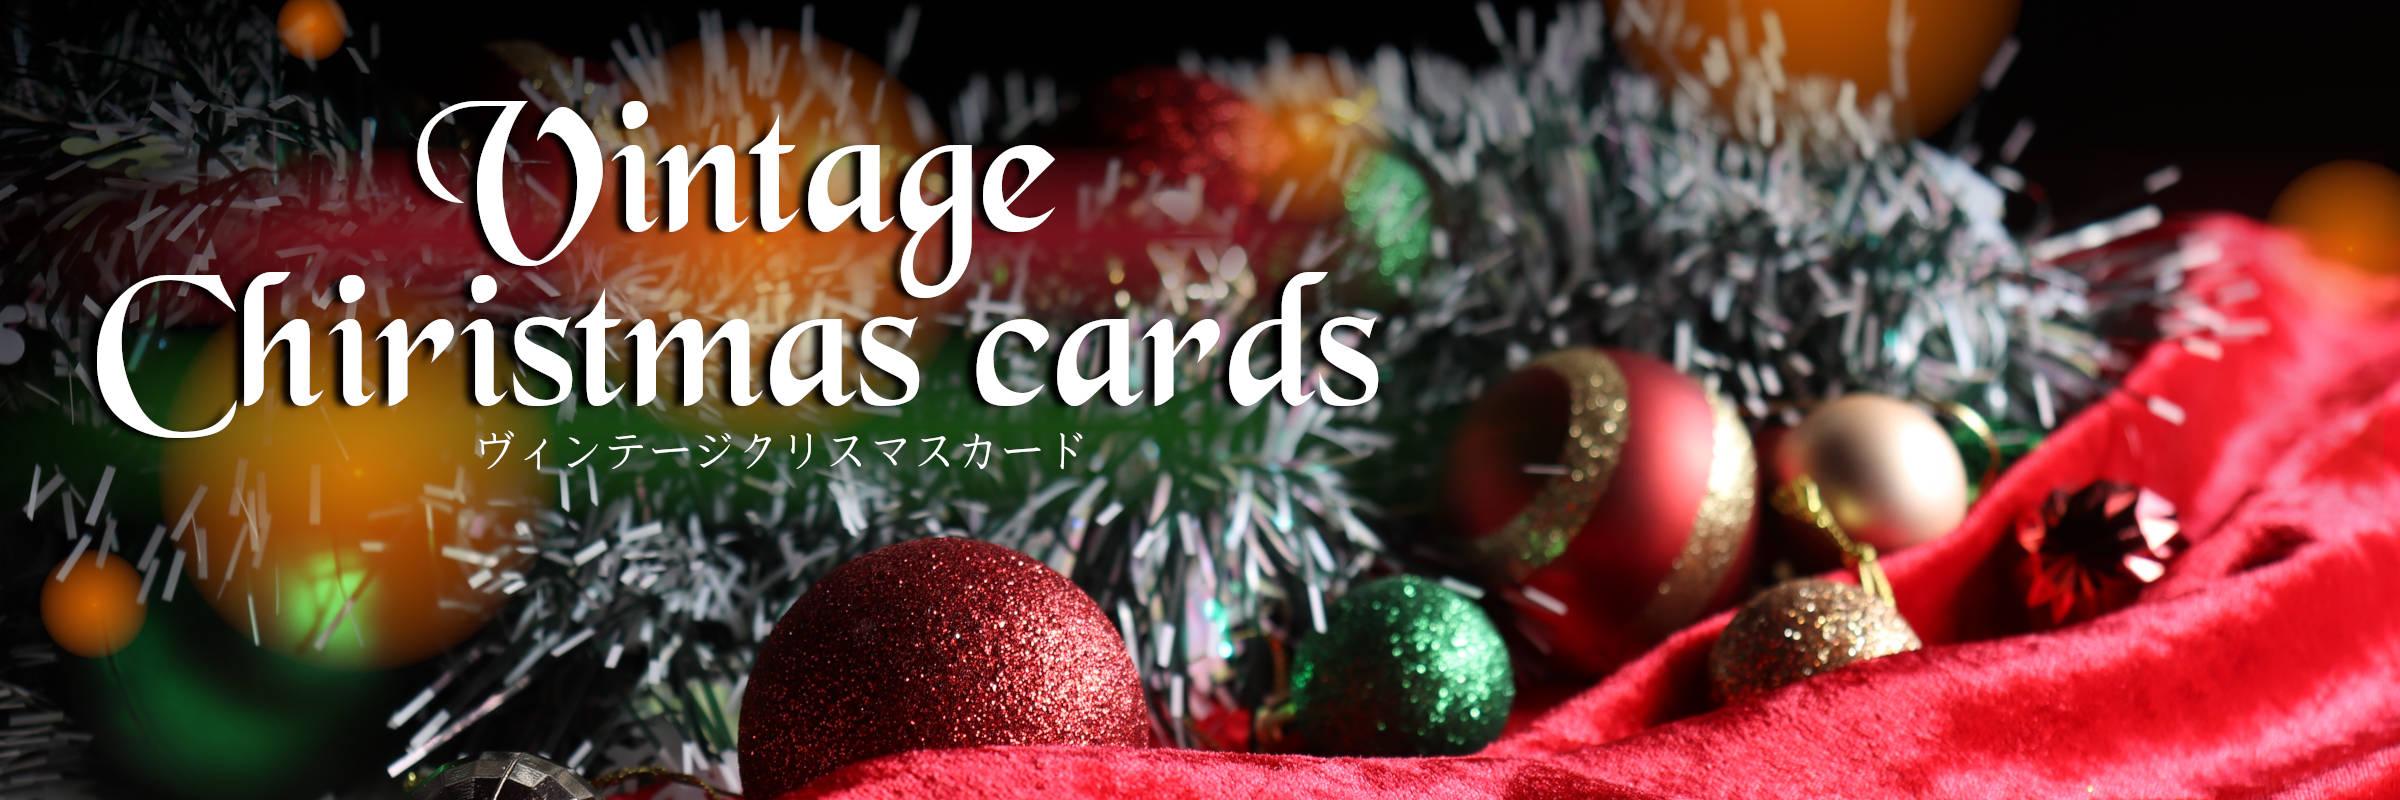 アンティーククリスマスカード・ヴィンテージクリスマスカード